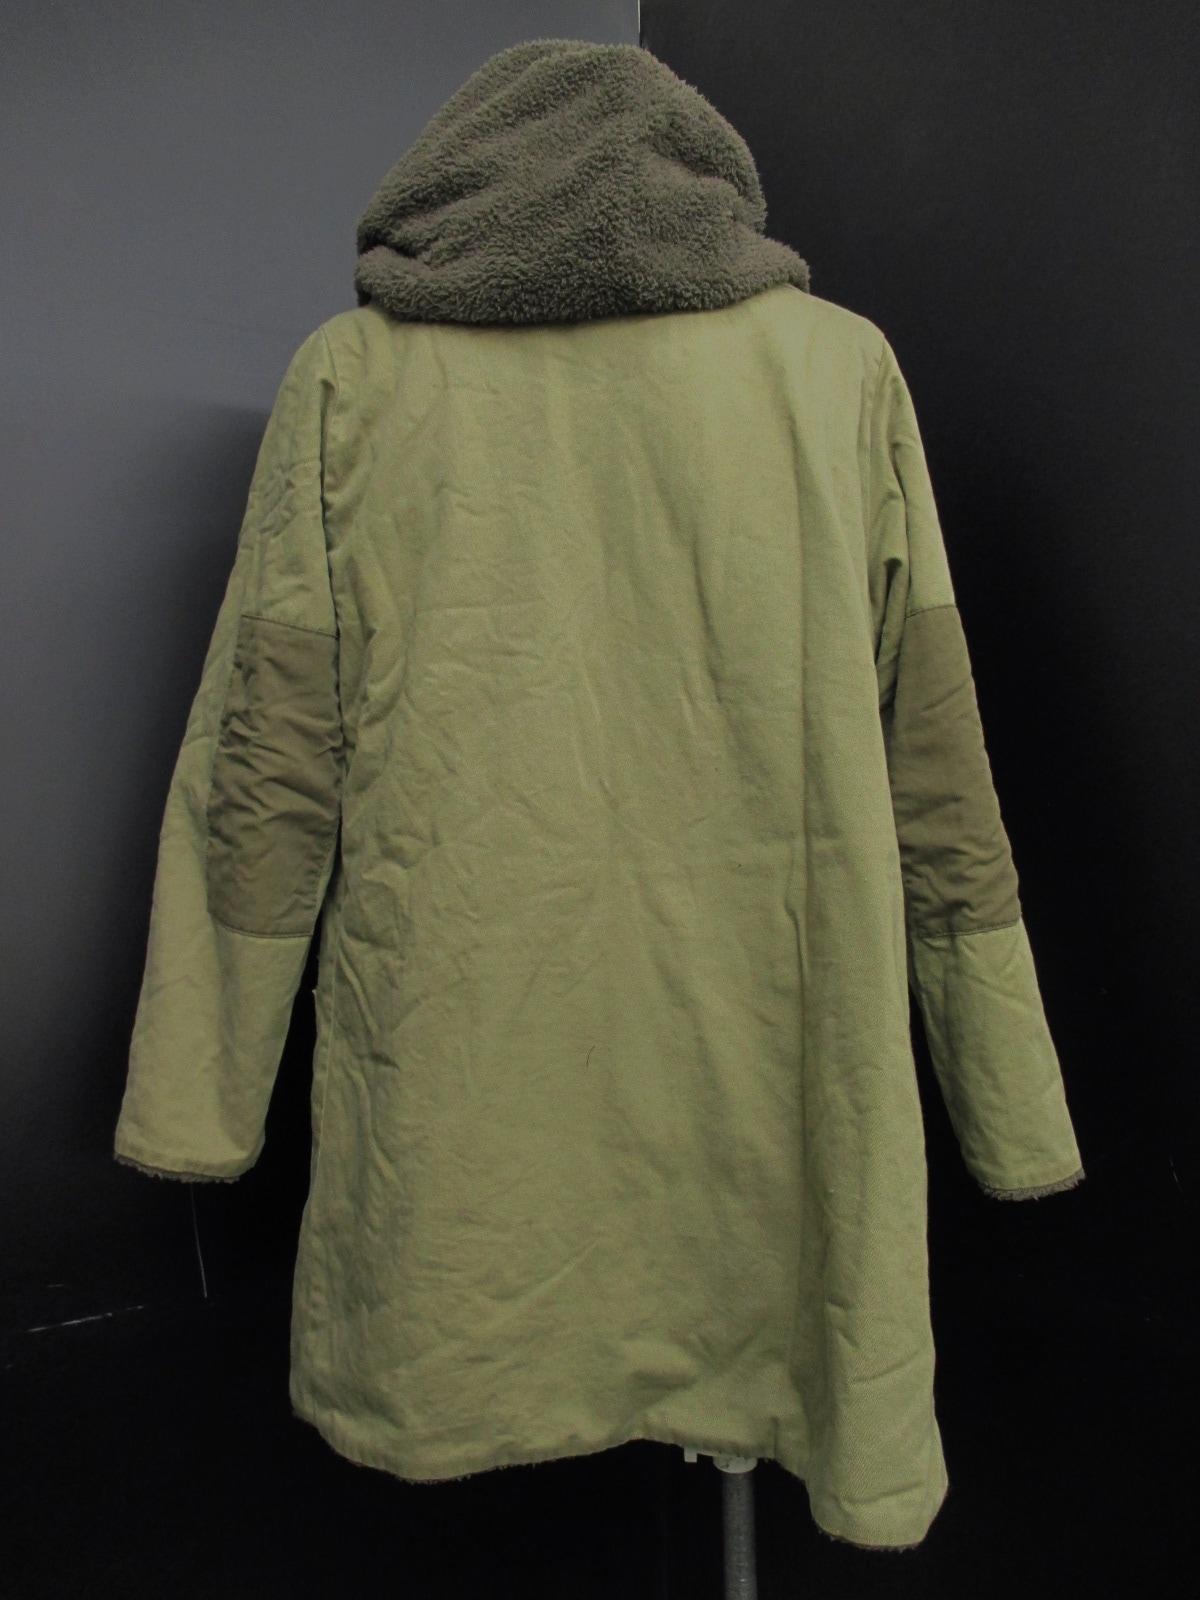 SuperiorLabor(シュペリオールレイバー)のコート